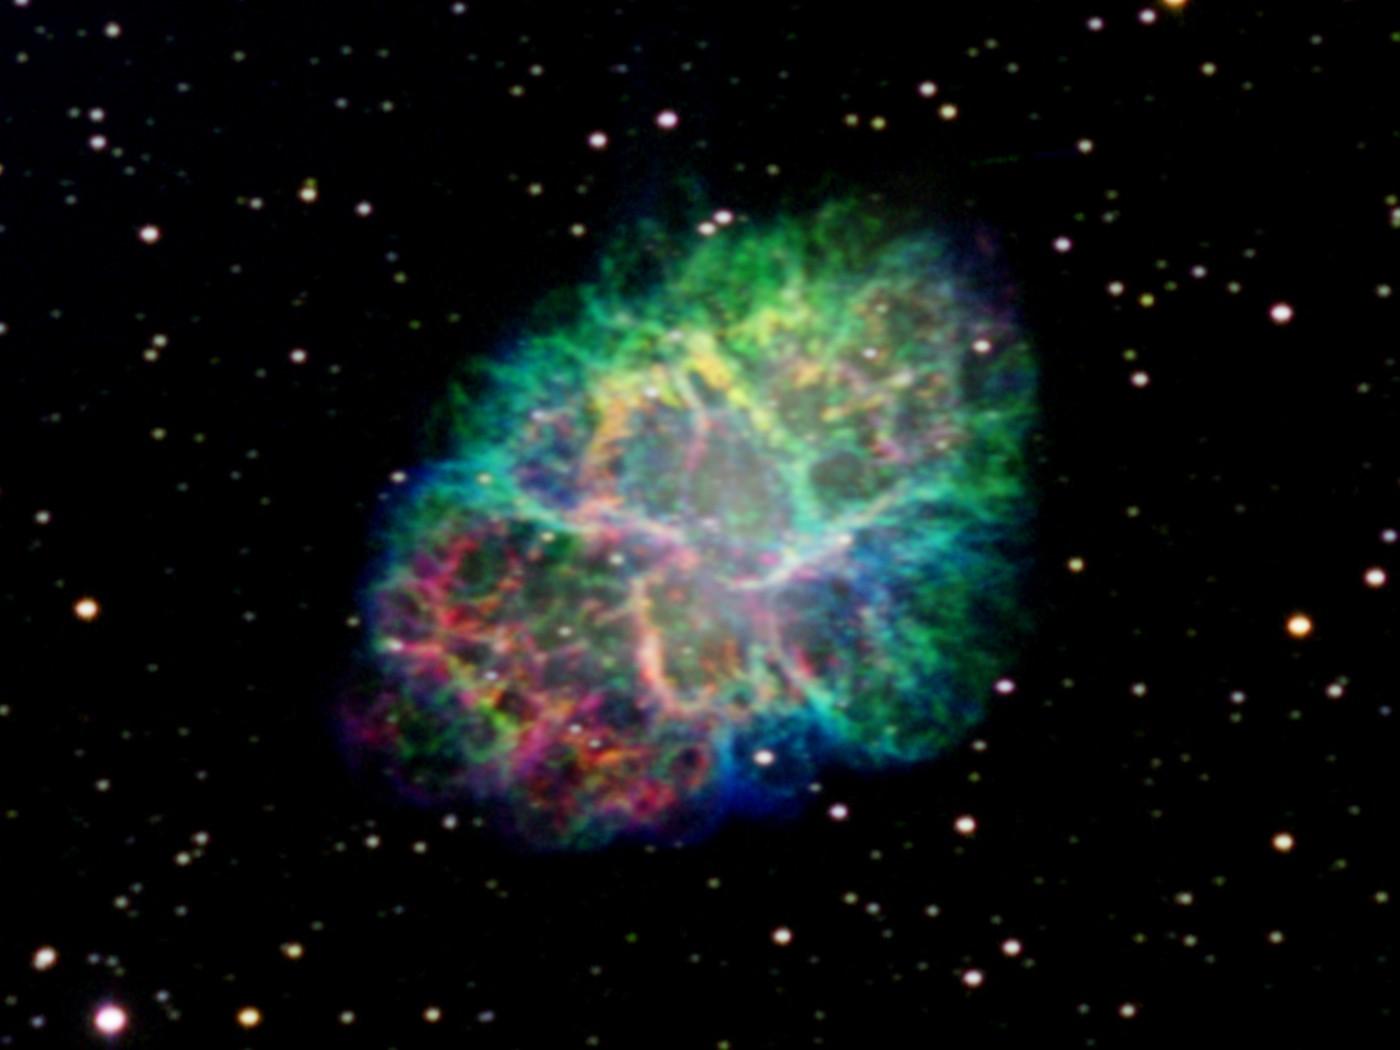 NGC 1952